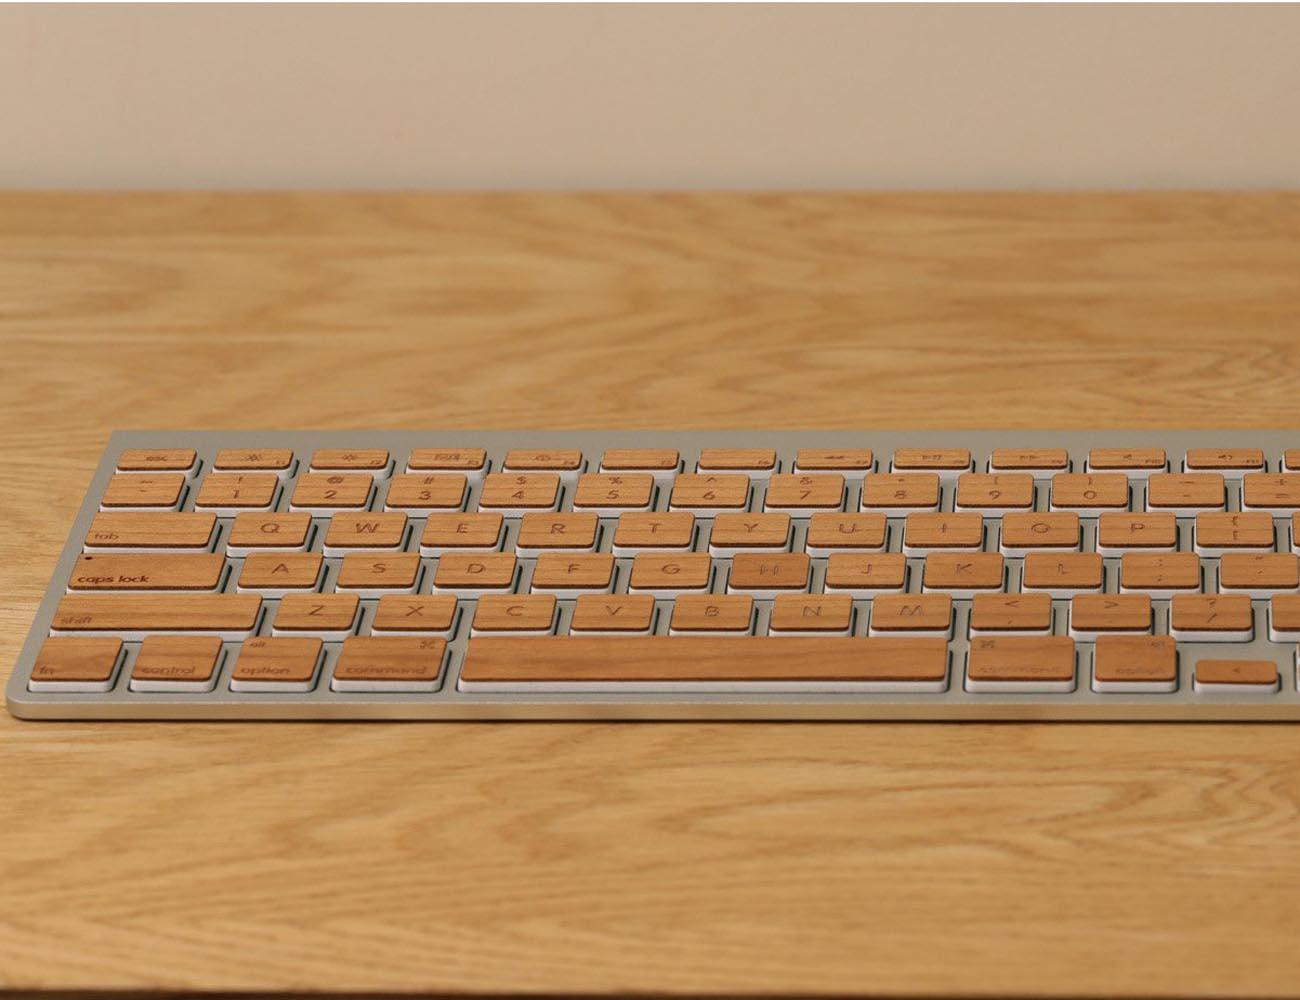 Apple Keyboard Wooden Keys